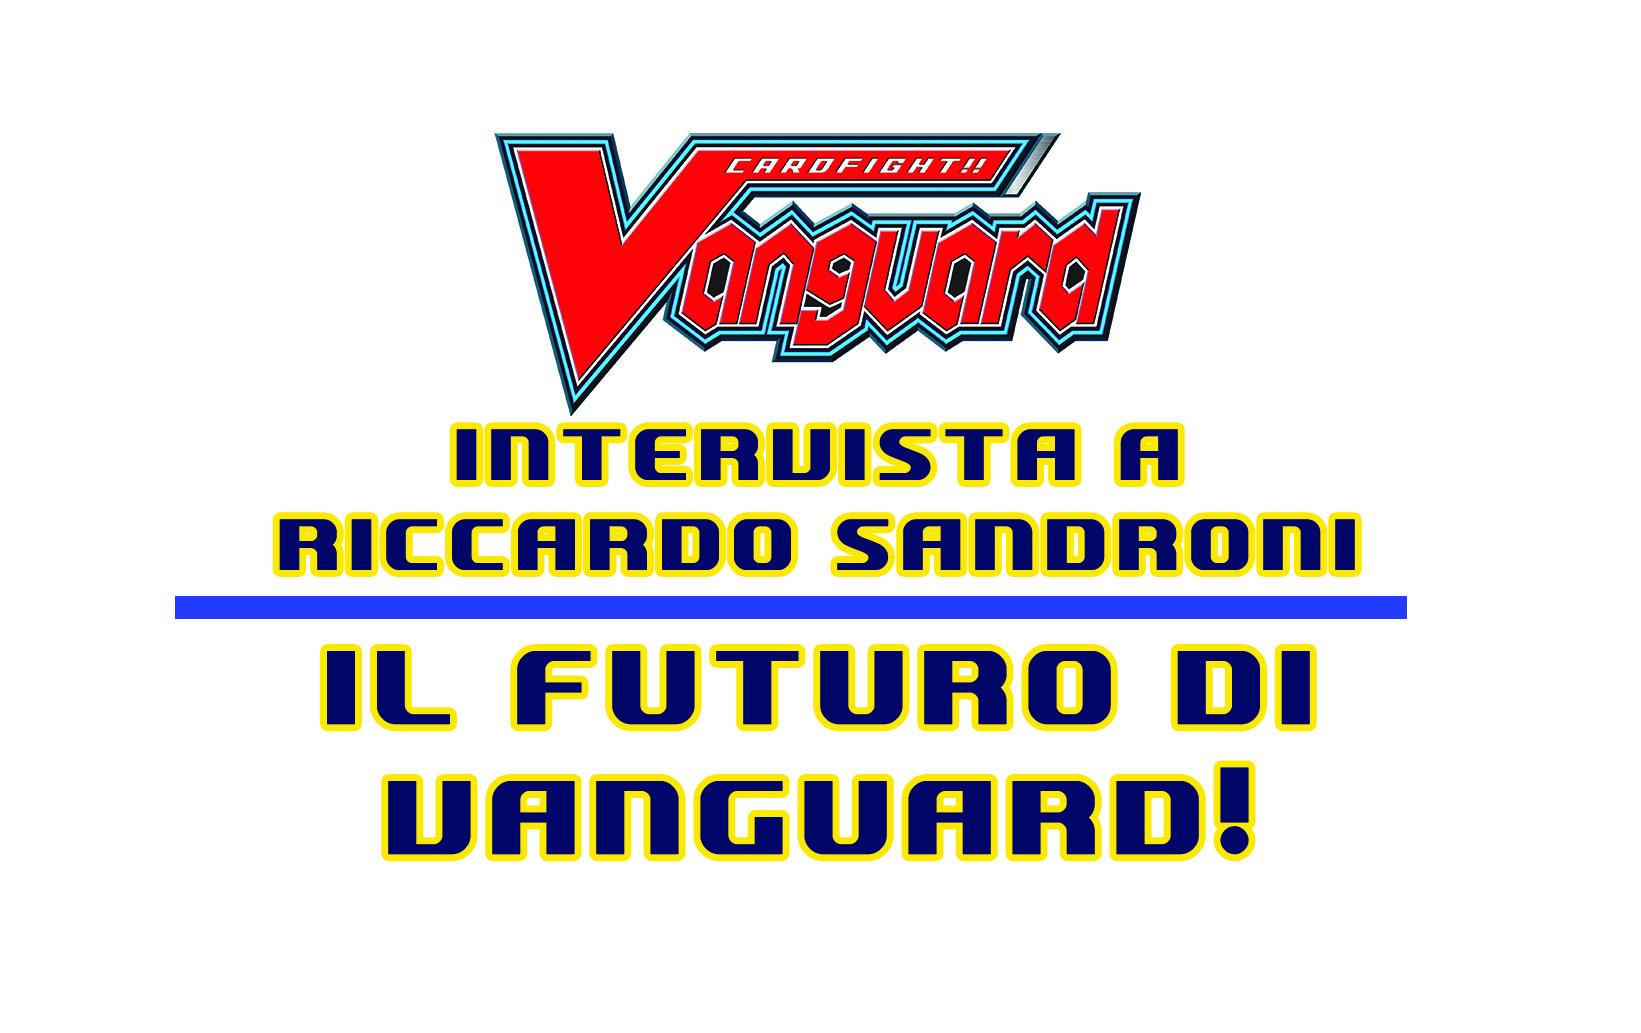 Intervista esclusiva a Riccardo Sandroni a cura di Pannocchia Company!